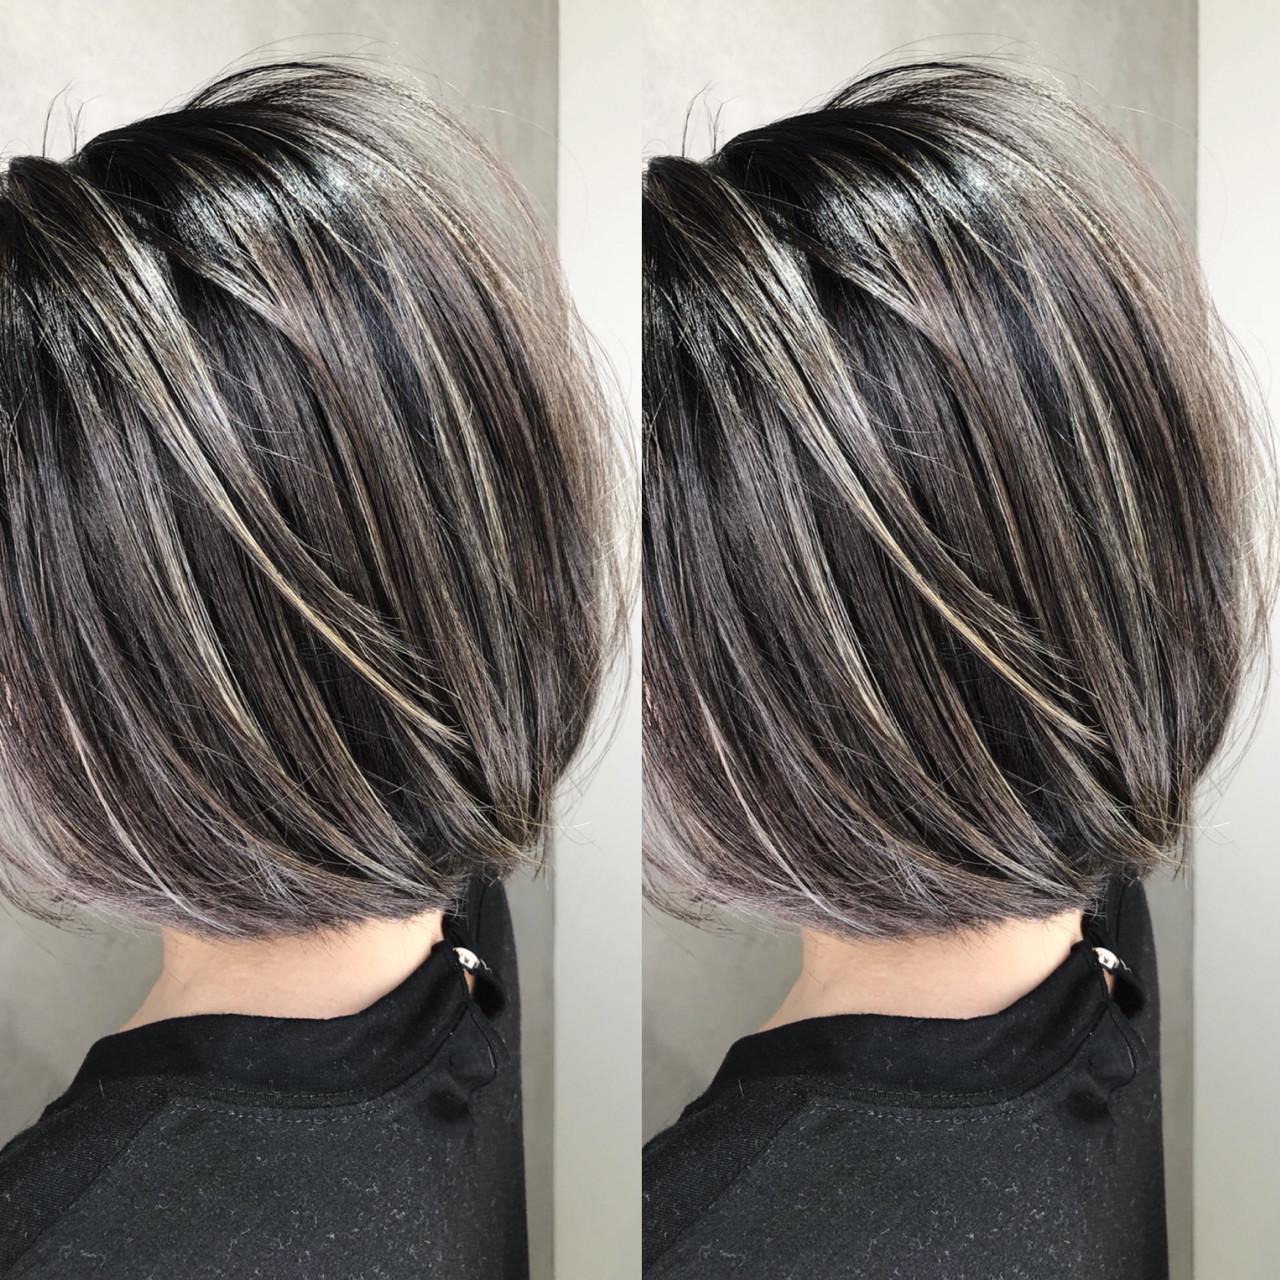 グラデーションカラー 外国人風 アウトドア ショート ヘアスタイルや髪型の写真・画像